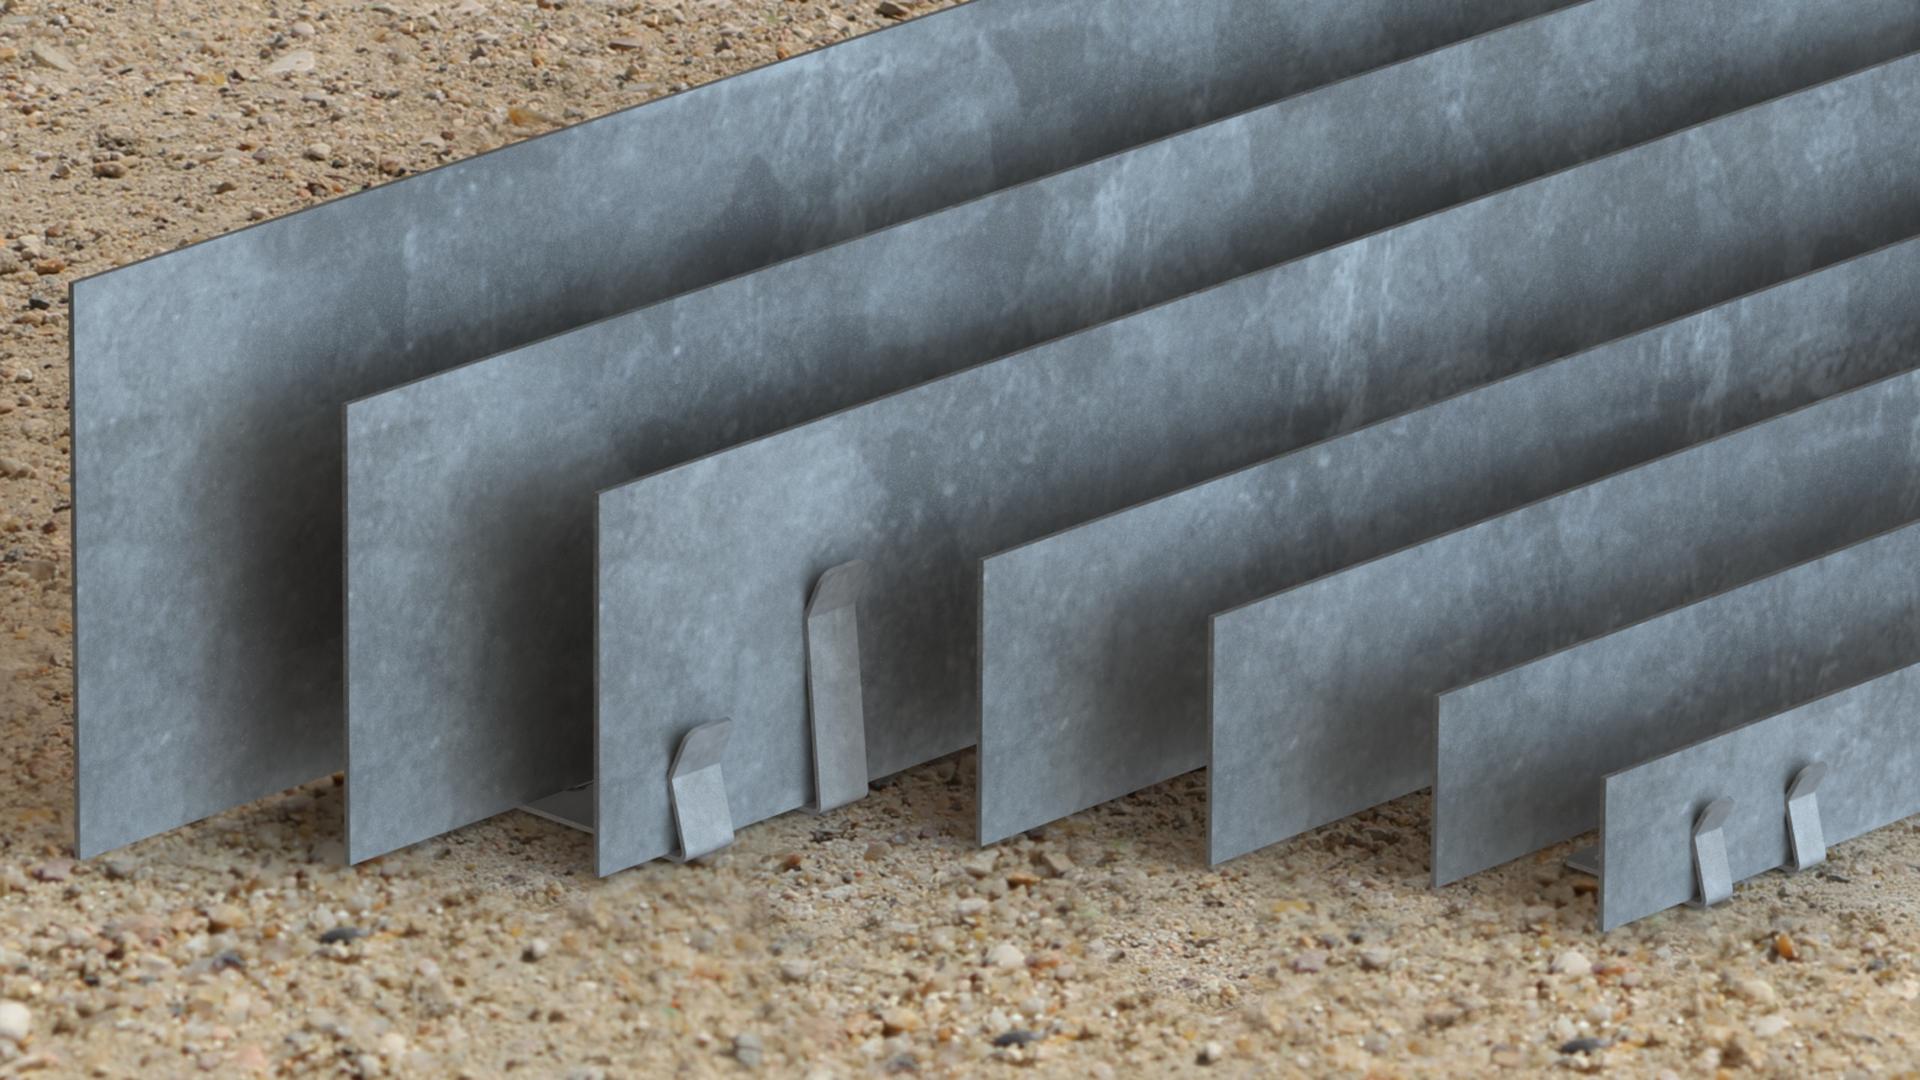 Bordure Volige Galvanisé Séparation Délimitation Massif destiné Bordure Metal